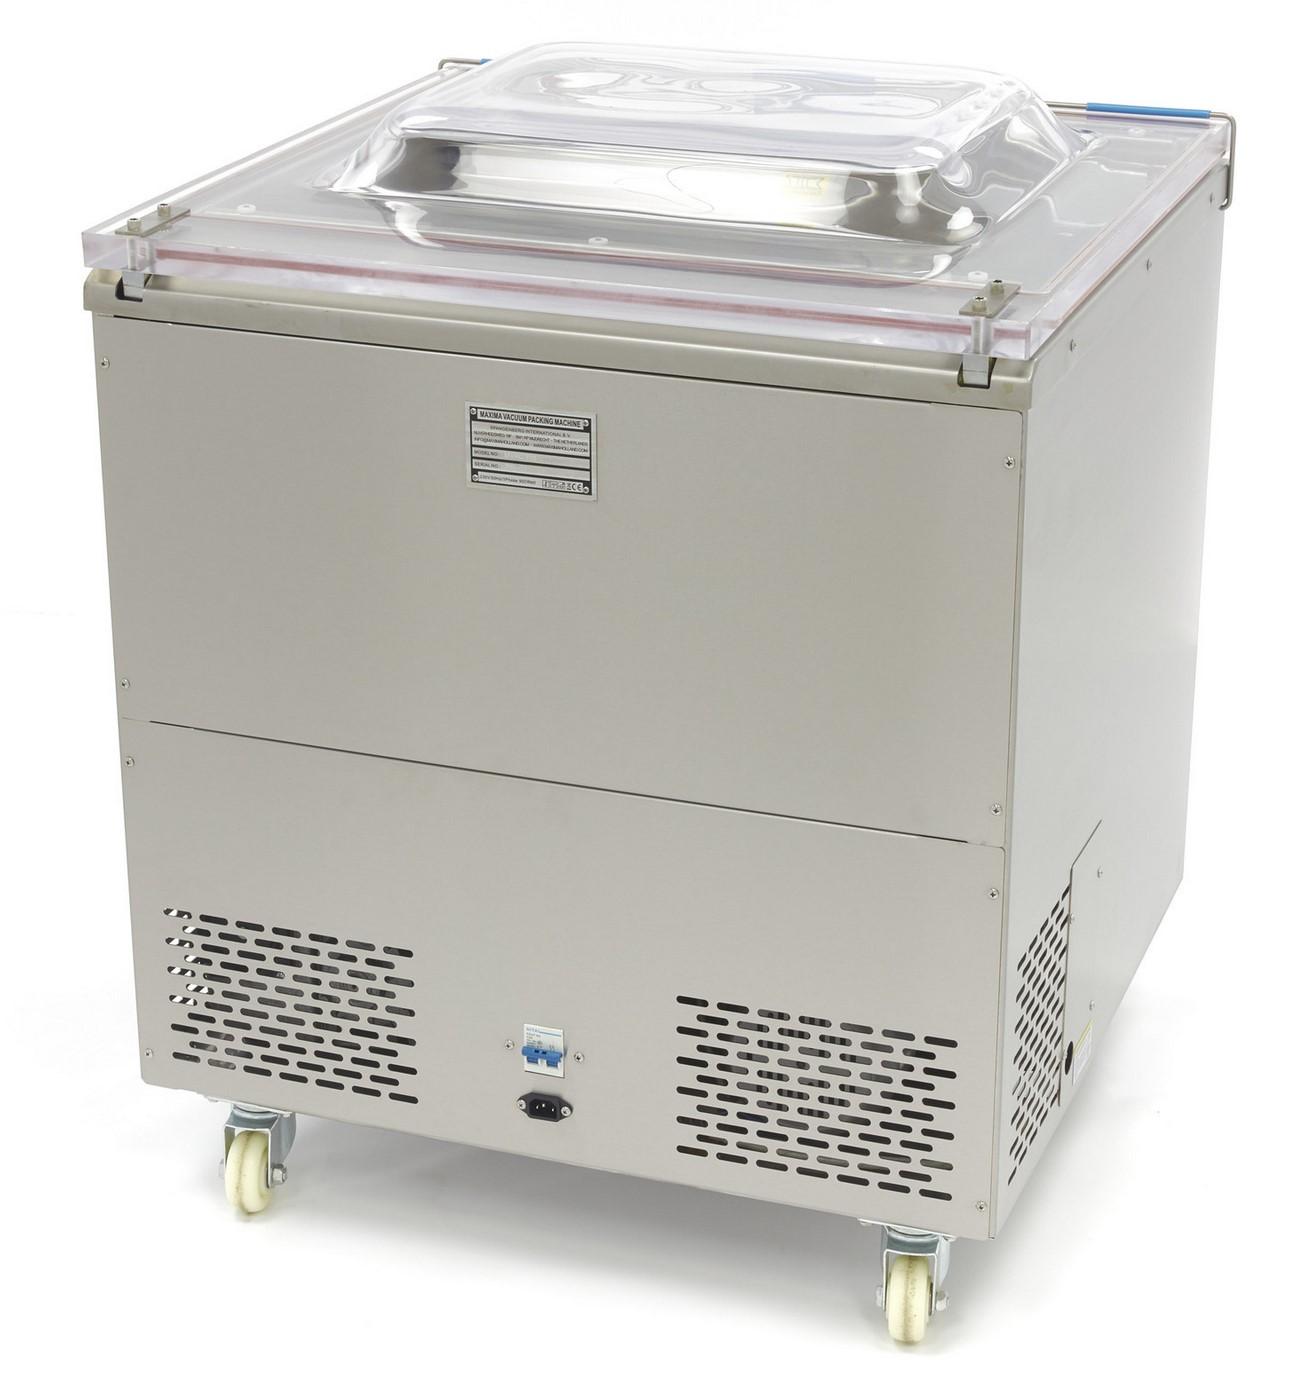 epaggelmatiki-mixanh-suskeuasias-vacuum-mvac-700-genikoemporio-zagorianos-5